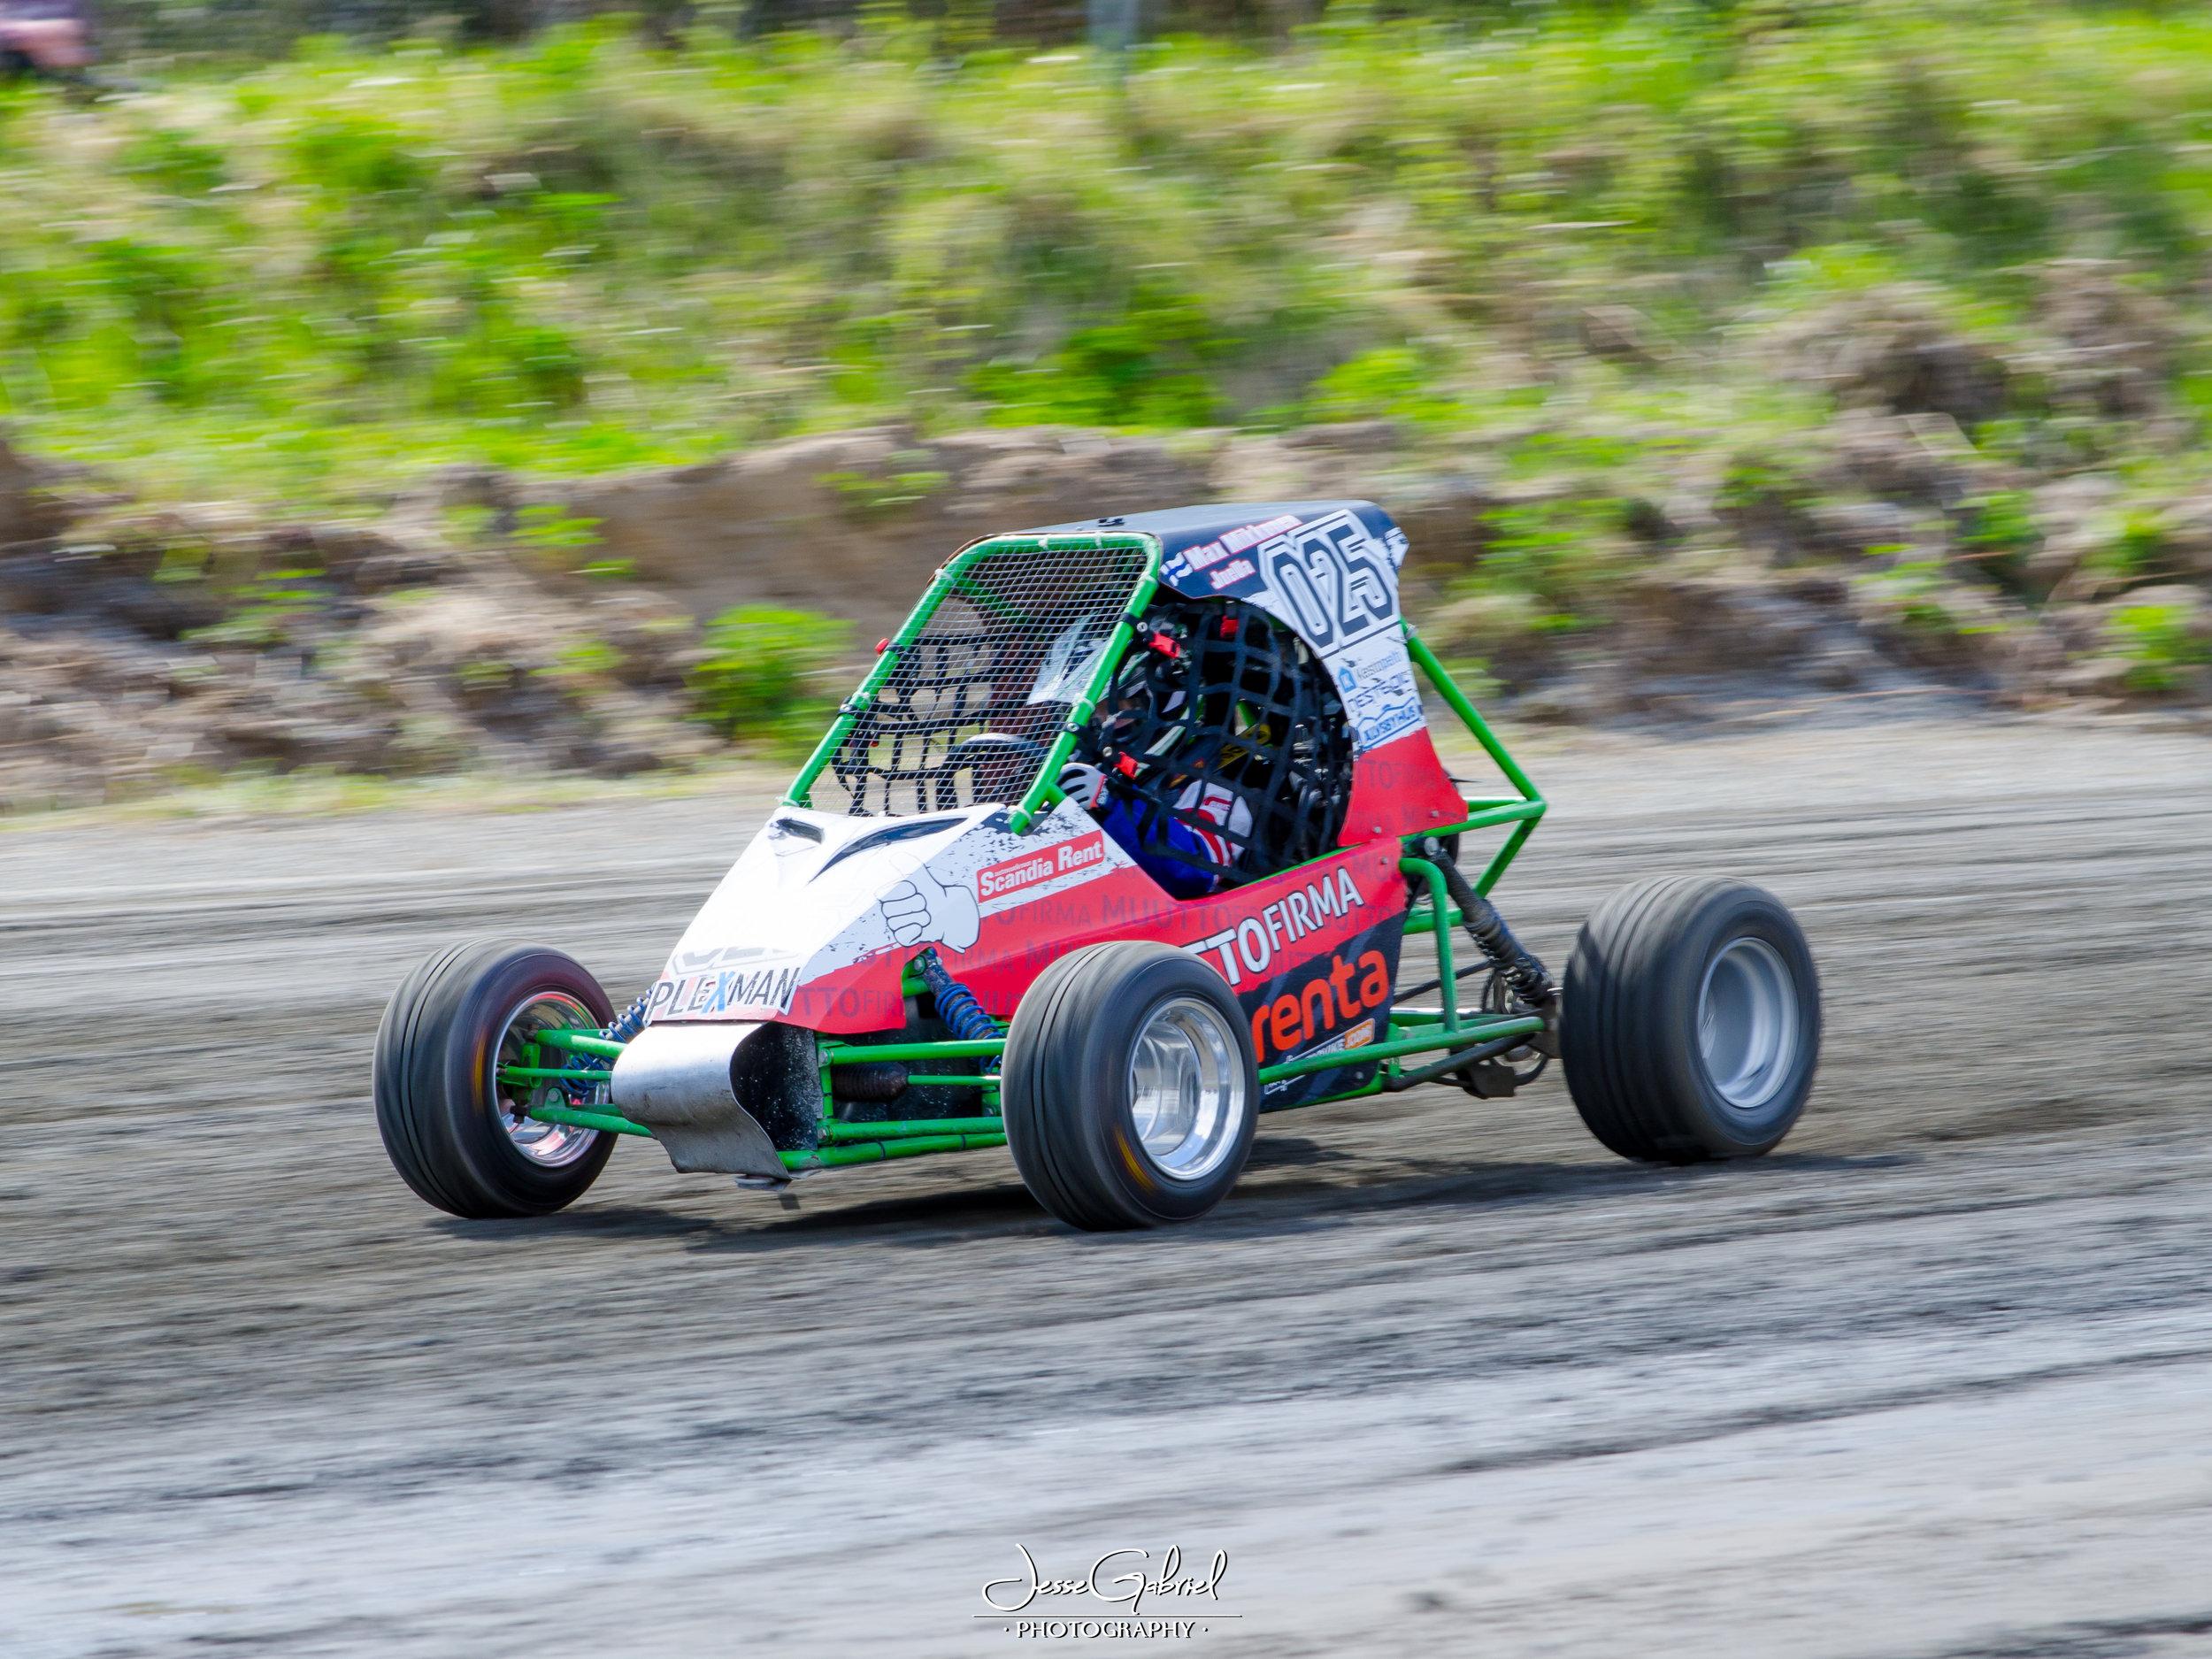 #25 Max Mikkonen - Seura:Auto: O.X Crosskart / Honda